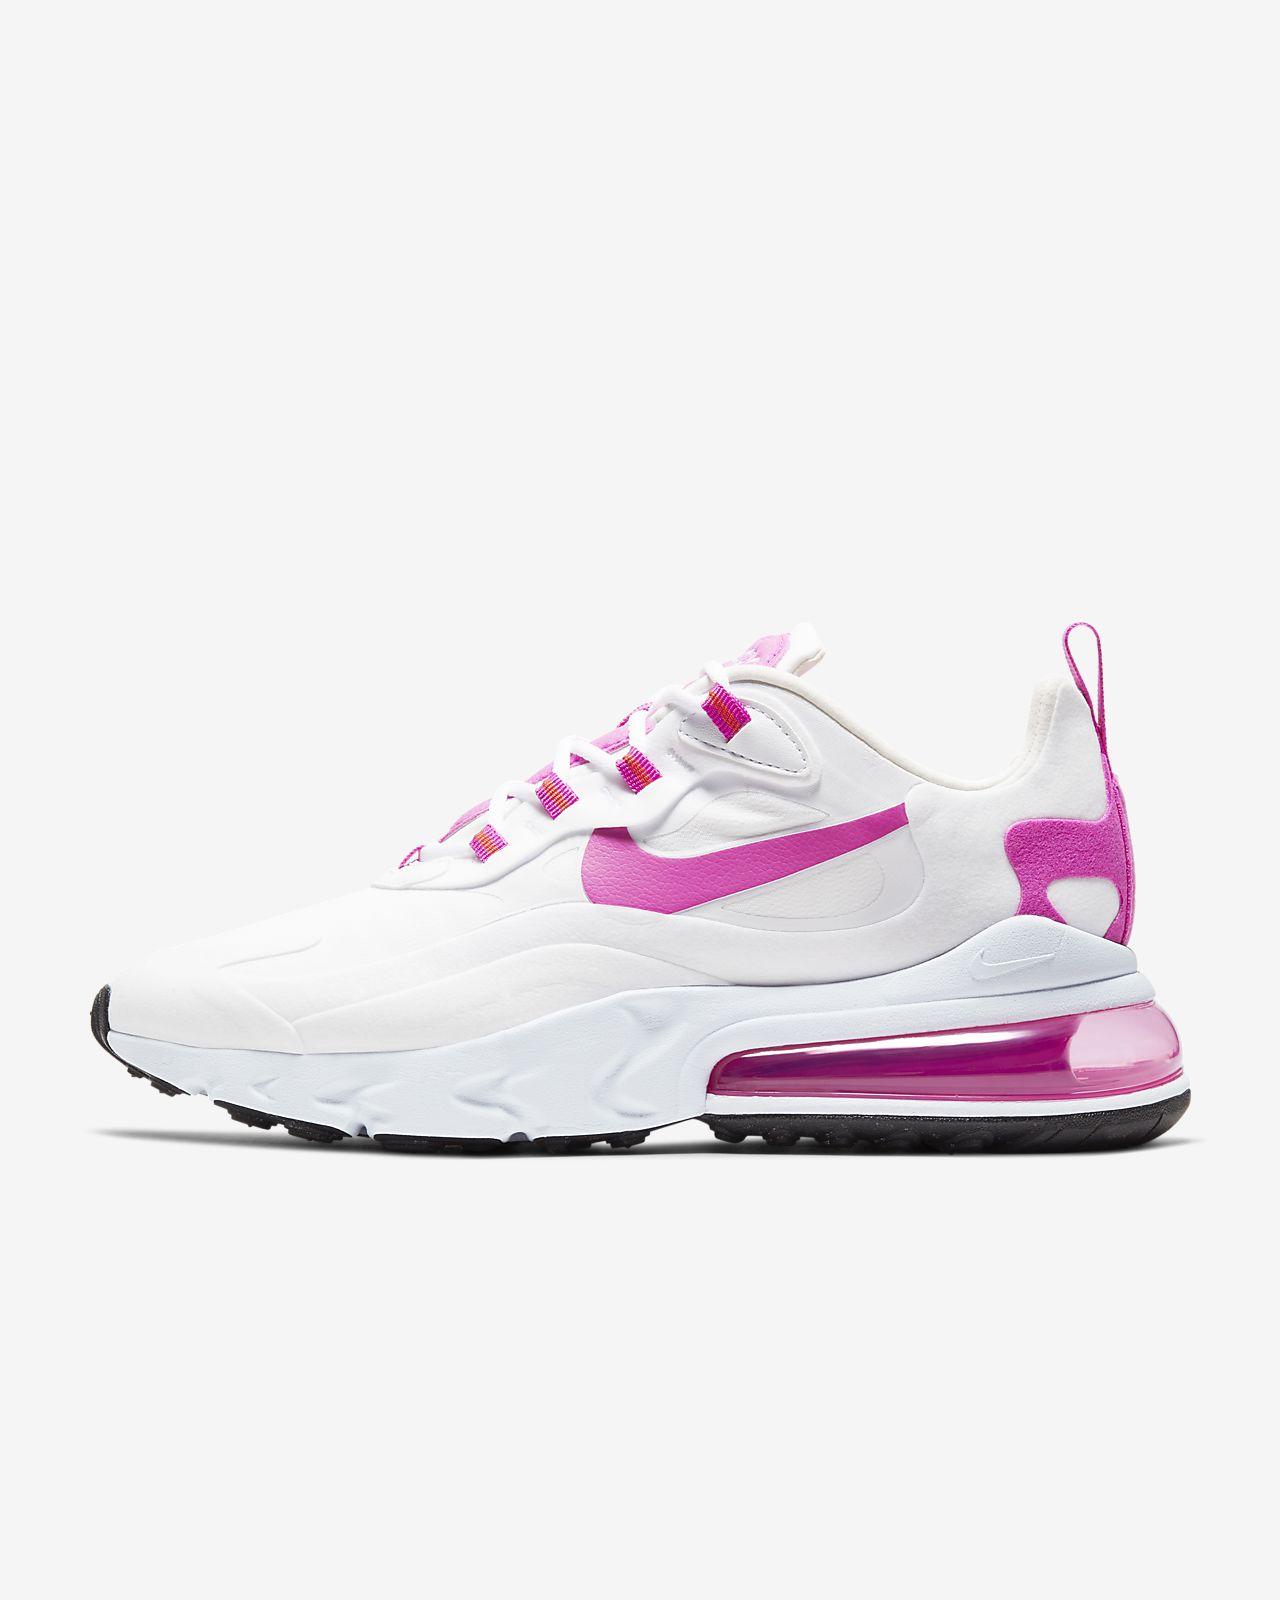 Nike Air Max 270 React Zapatillas Mujer